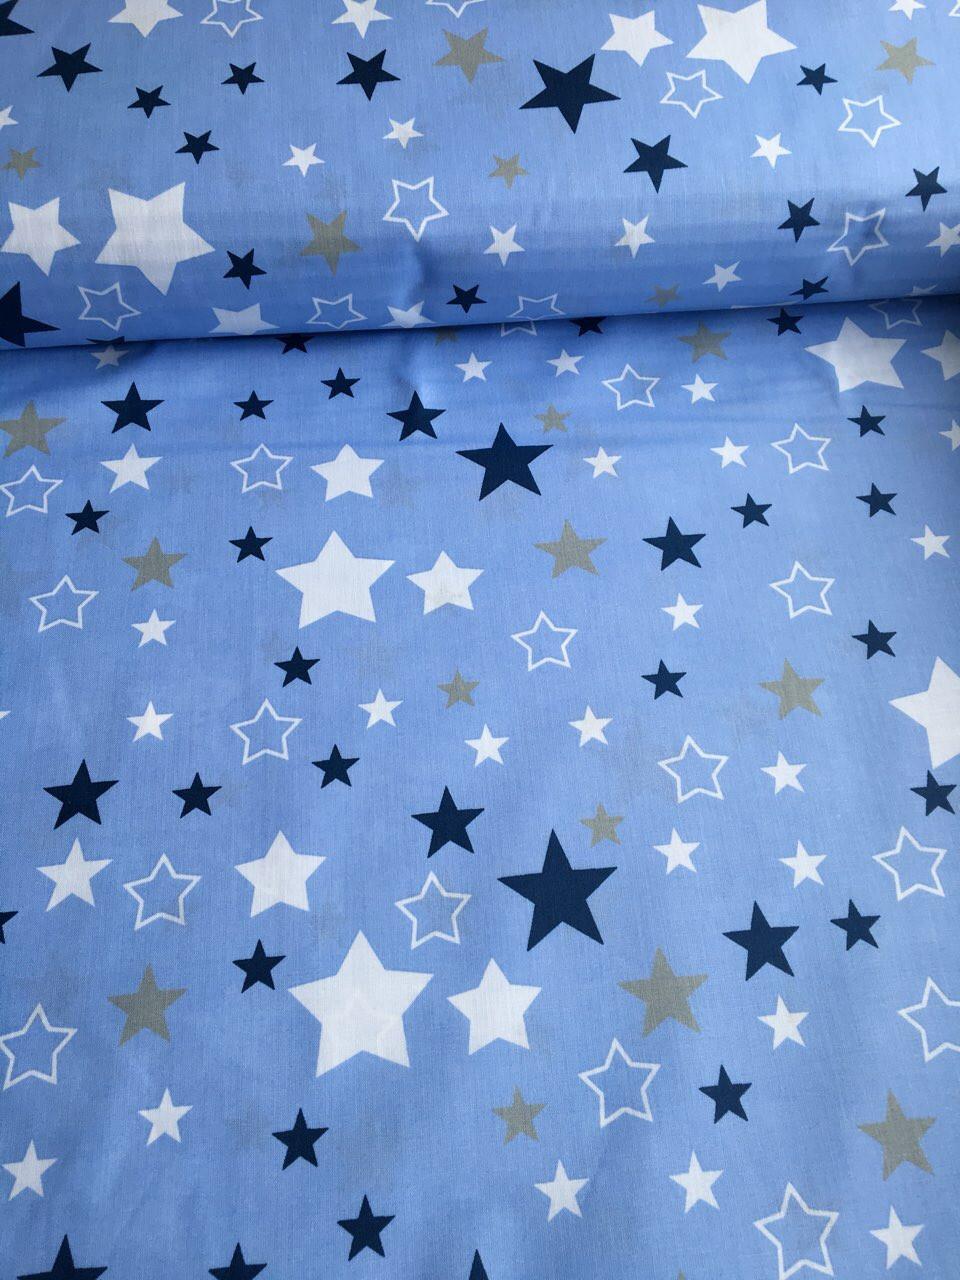 Хлопковая ткань польская звезды синие, белые большие и маленькие на голубом №359